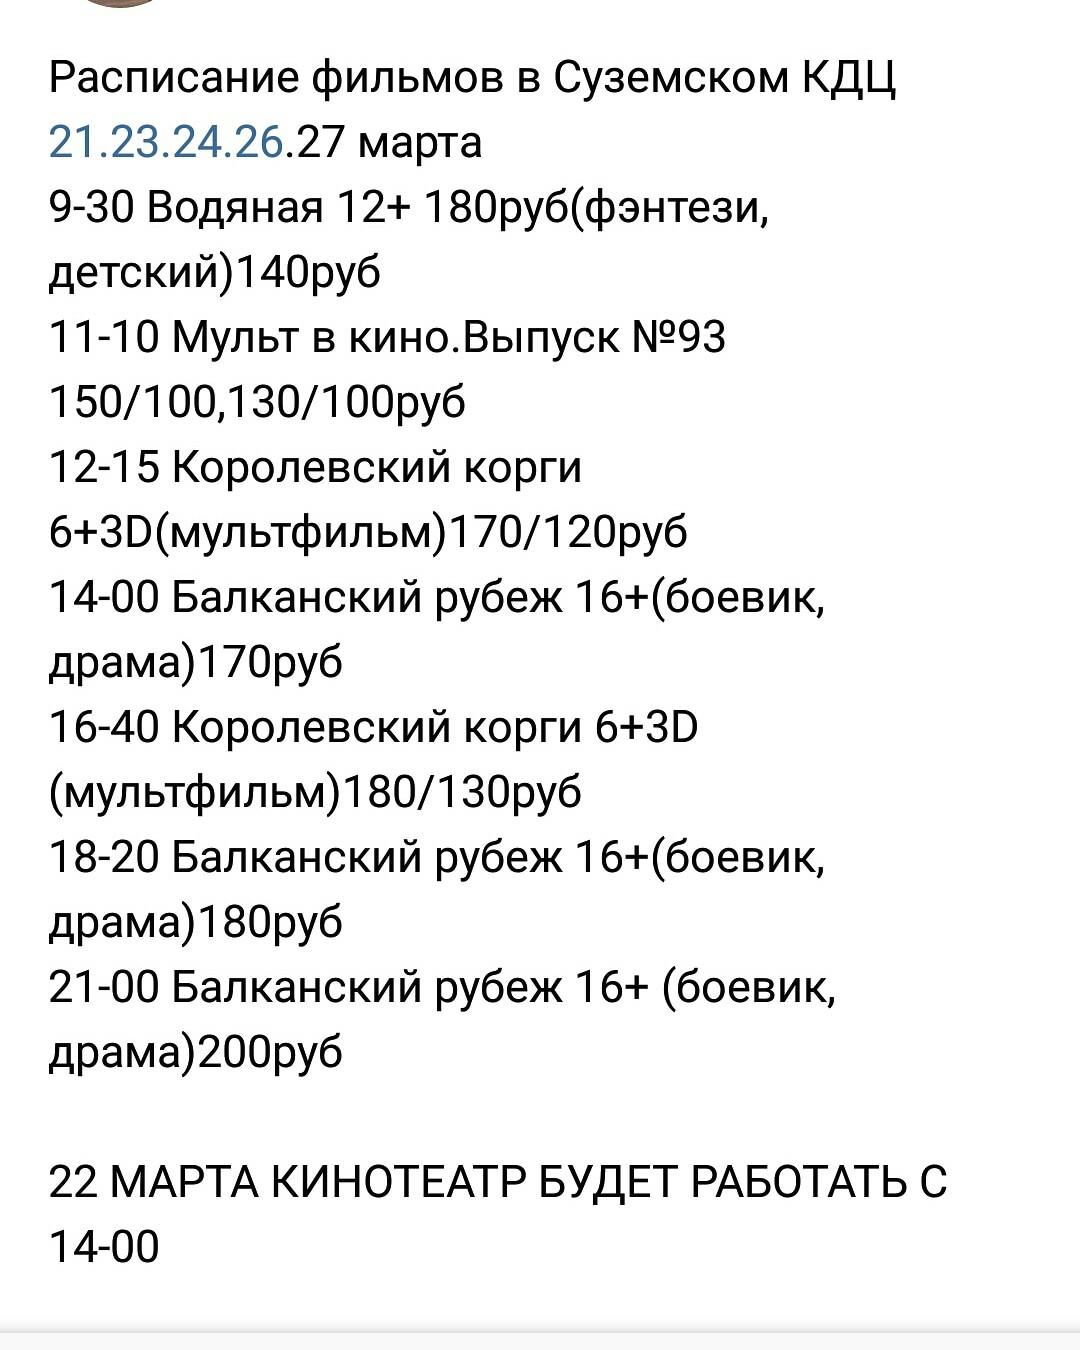 Фильмы в Суземском КДЦ